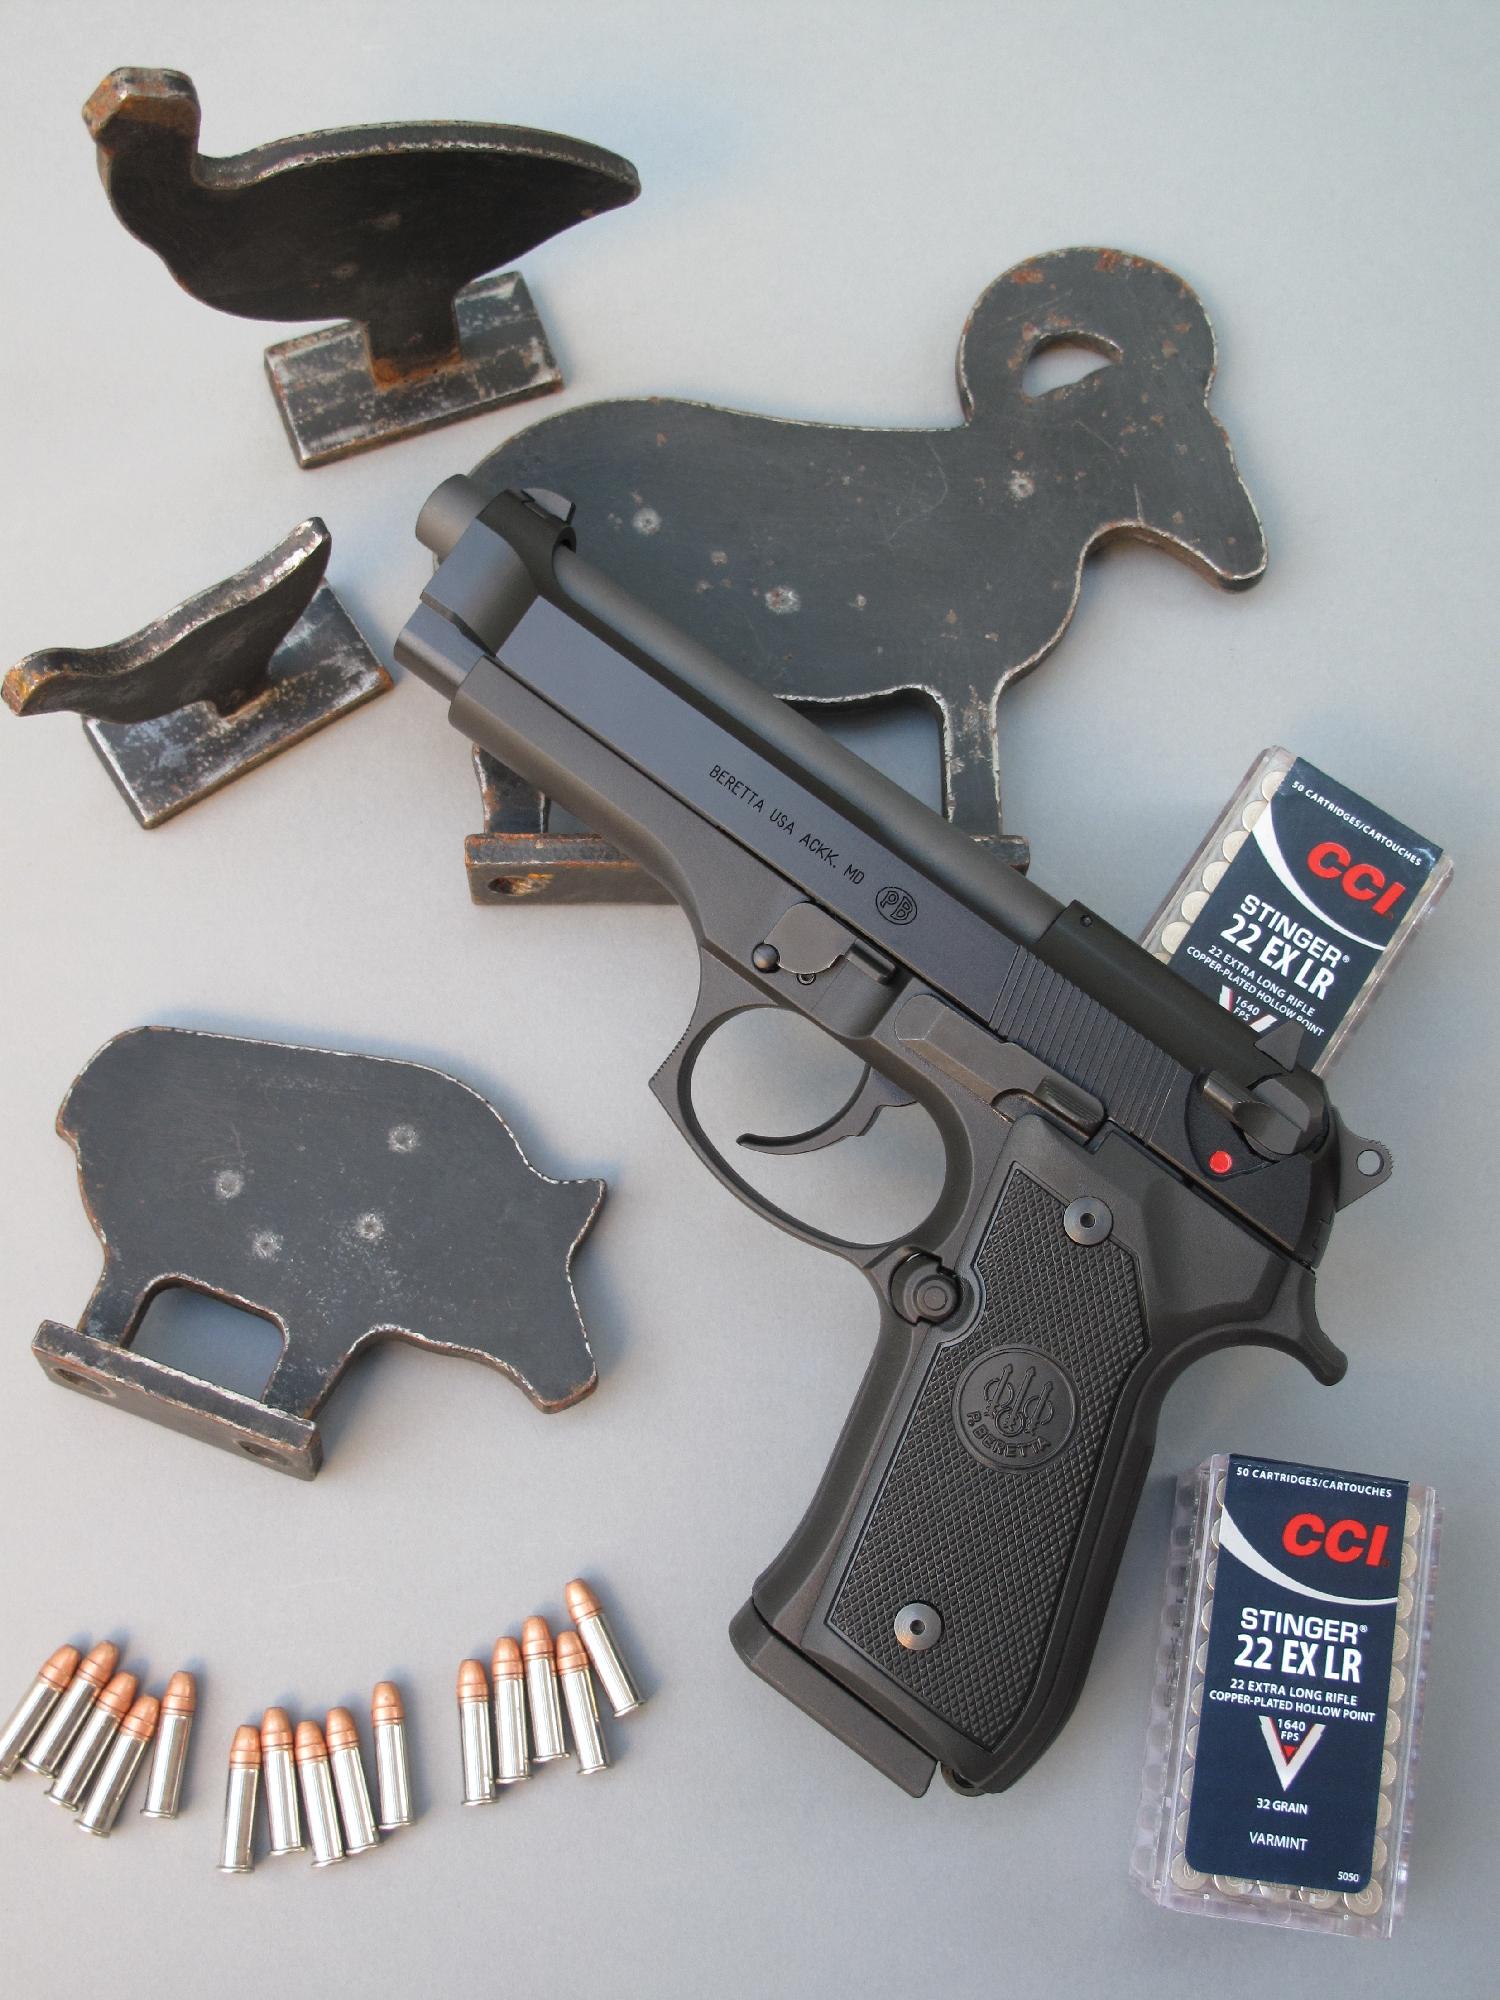 Pour les besoins de la photo, le Beretta 92 FS-22 est accompagné par les mini-silhouettes métalliques à l'échelle 1/5 dédiées aux carabines de petit calibre, lesquelles sont nettement plus petites que celles à l'échelle 3/8 normalement utilisées avec les armes de poing de calibre .22 Long Rifle.